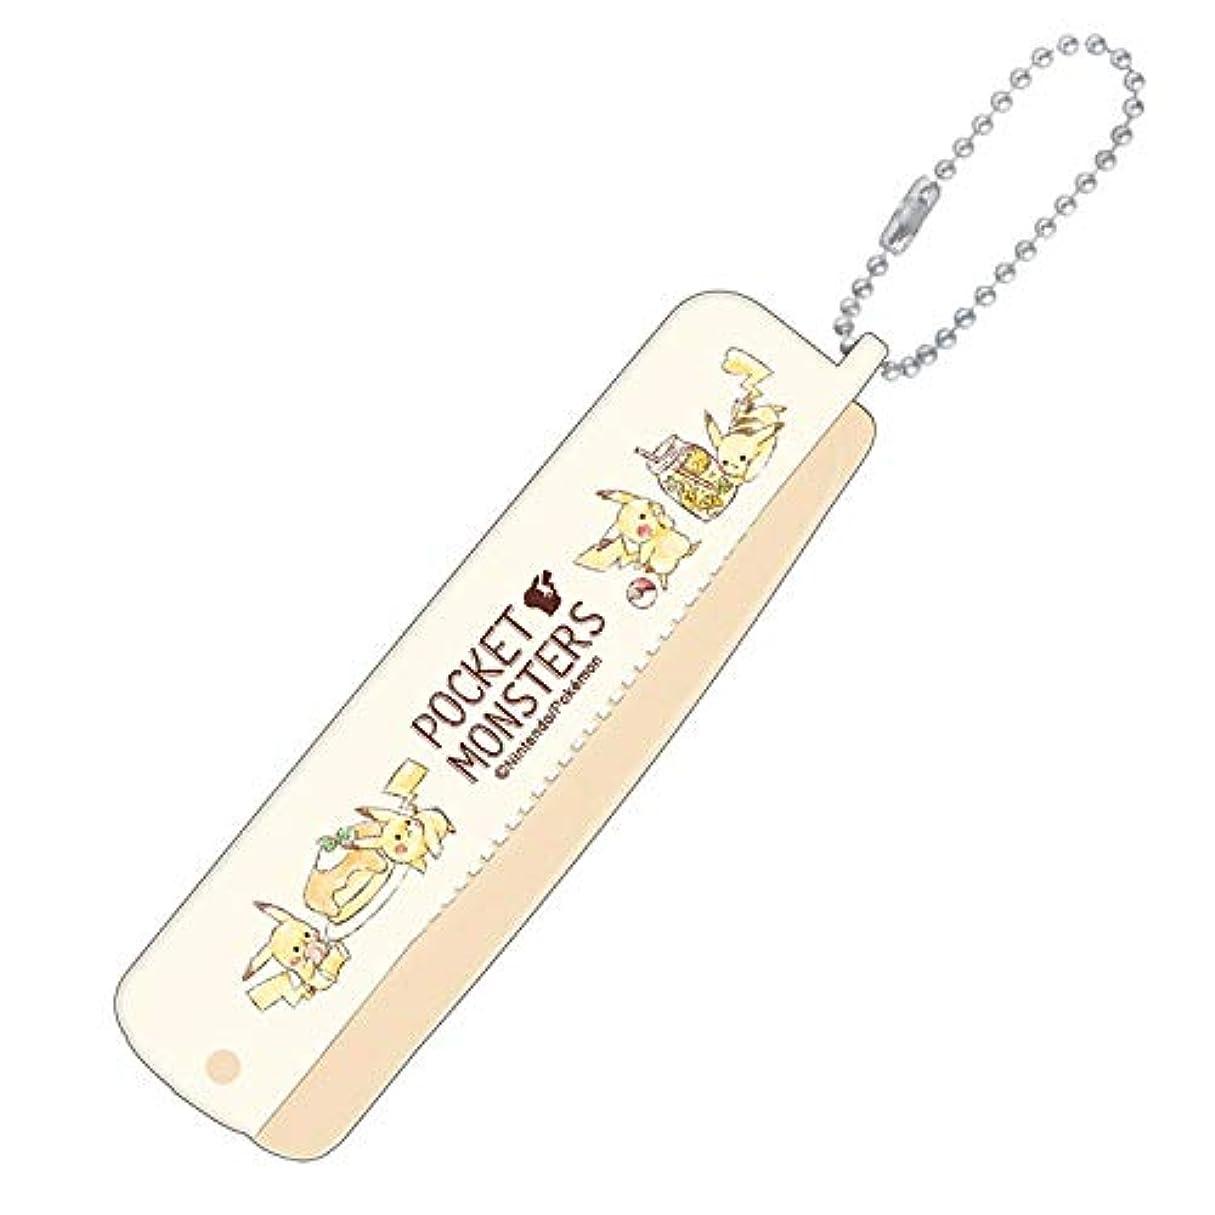 ロデオチップ光の【ポケットモンスター】折りブラシ&コーム(カフェ) 099049